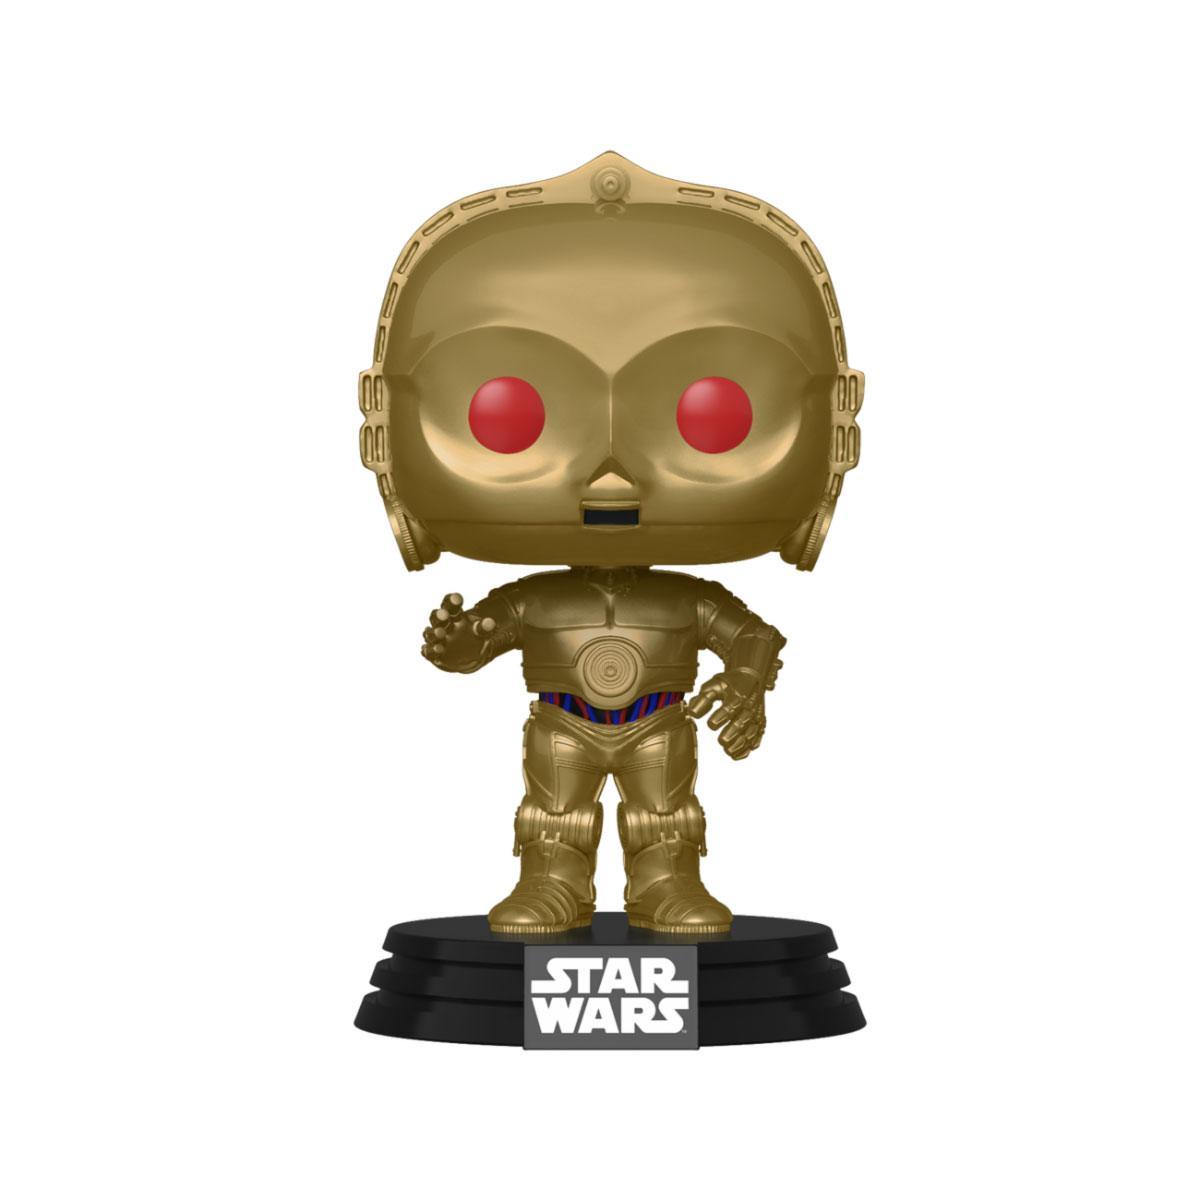 Star Wars Episode IX POP! Movies Vinyl Figure C-3PO (Red Eyes) 9 cm